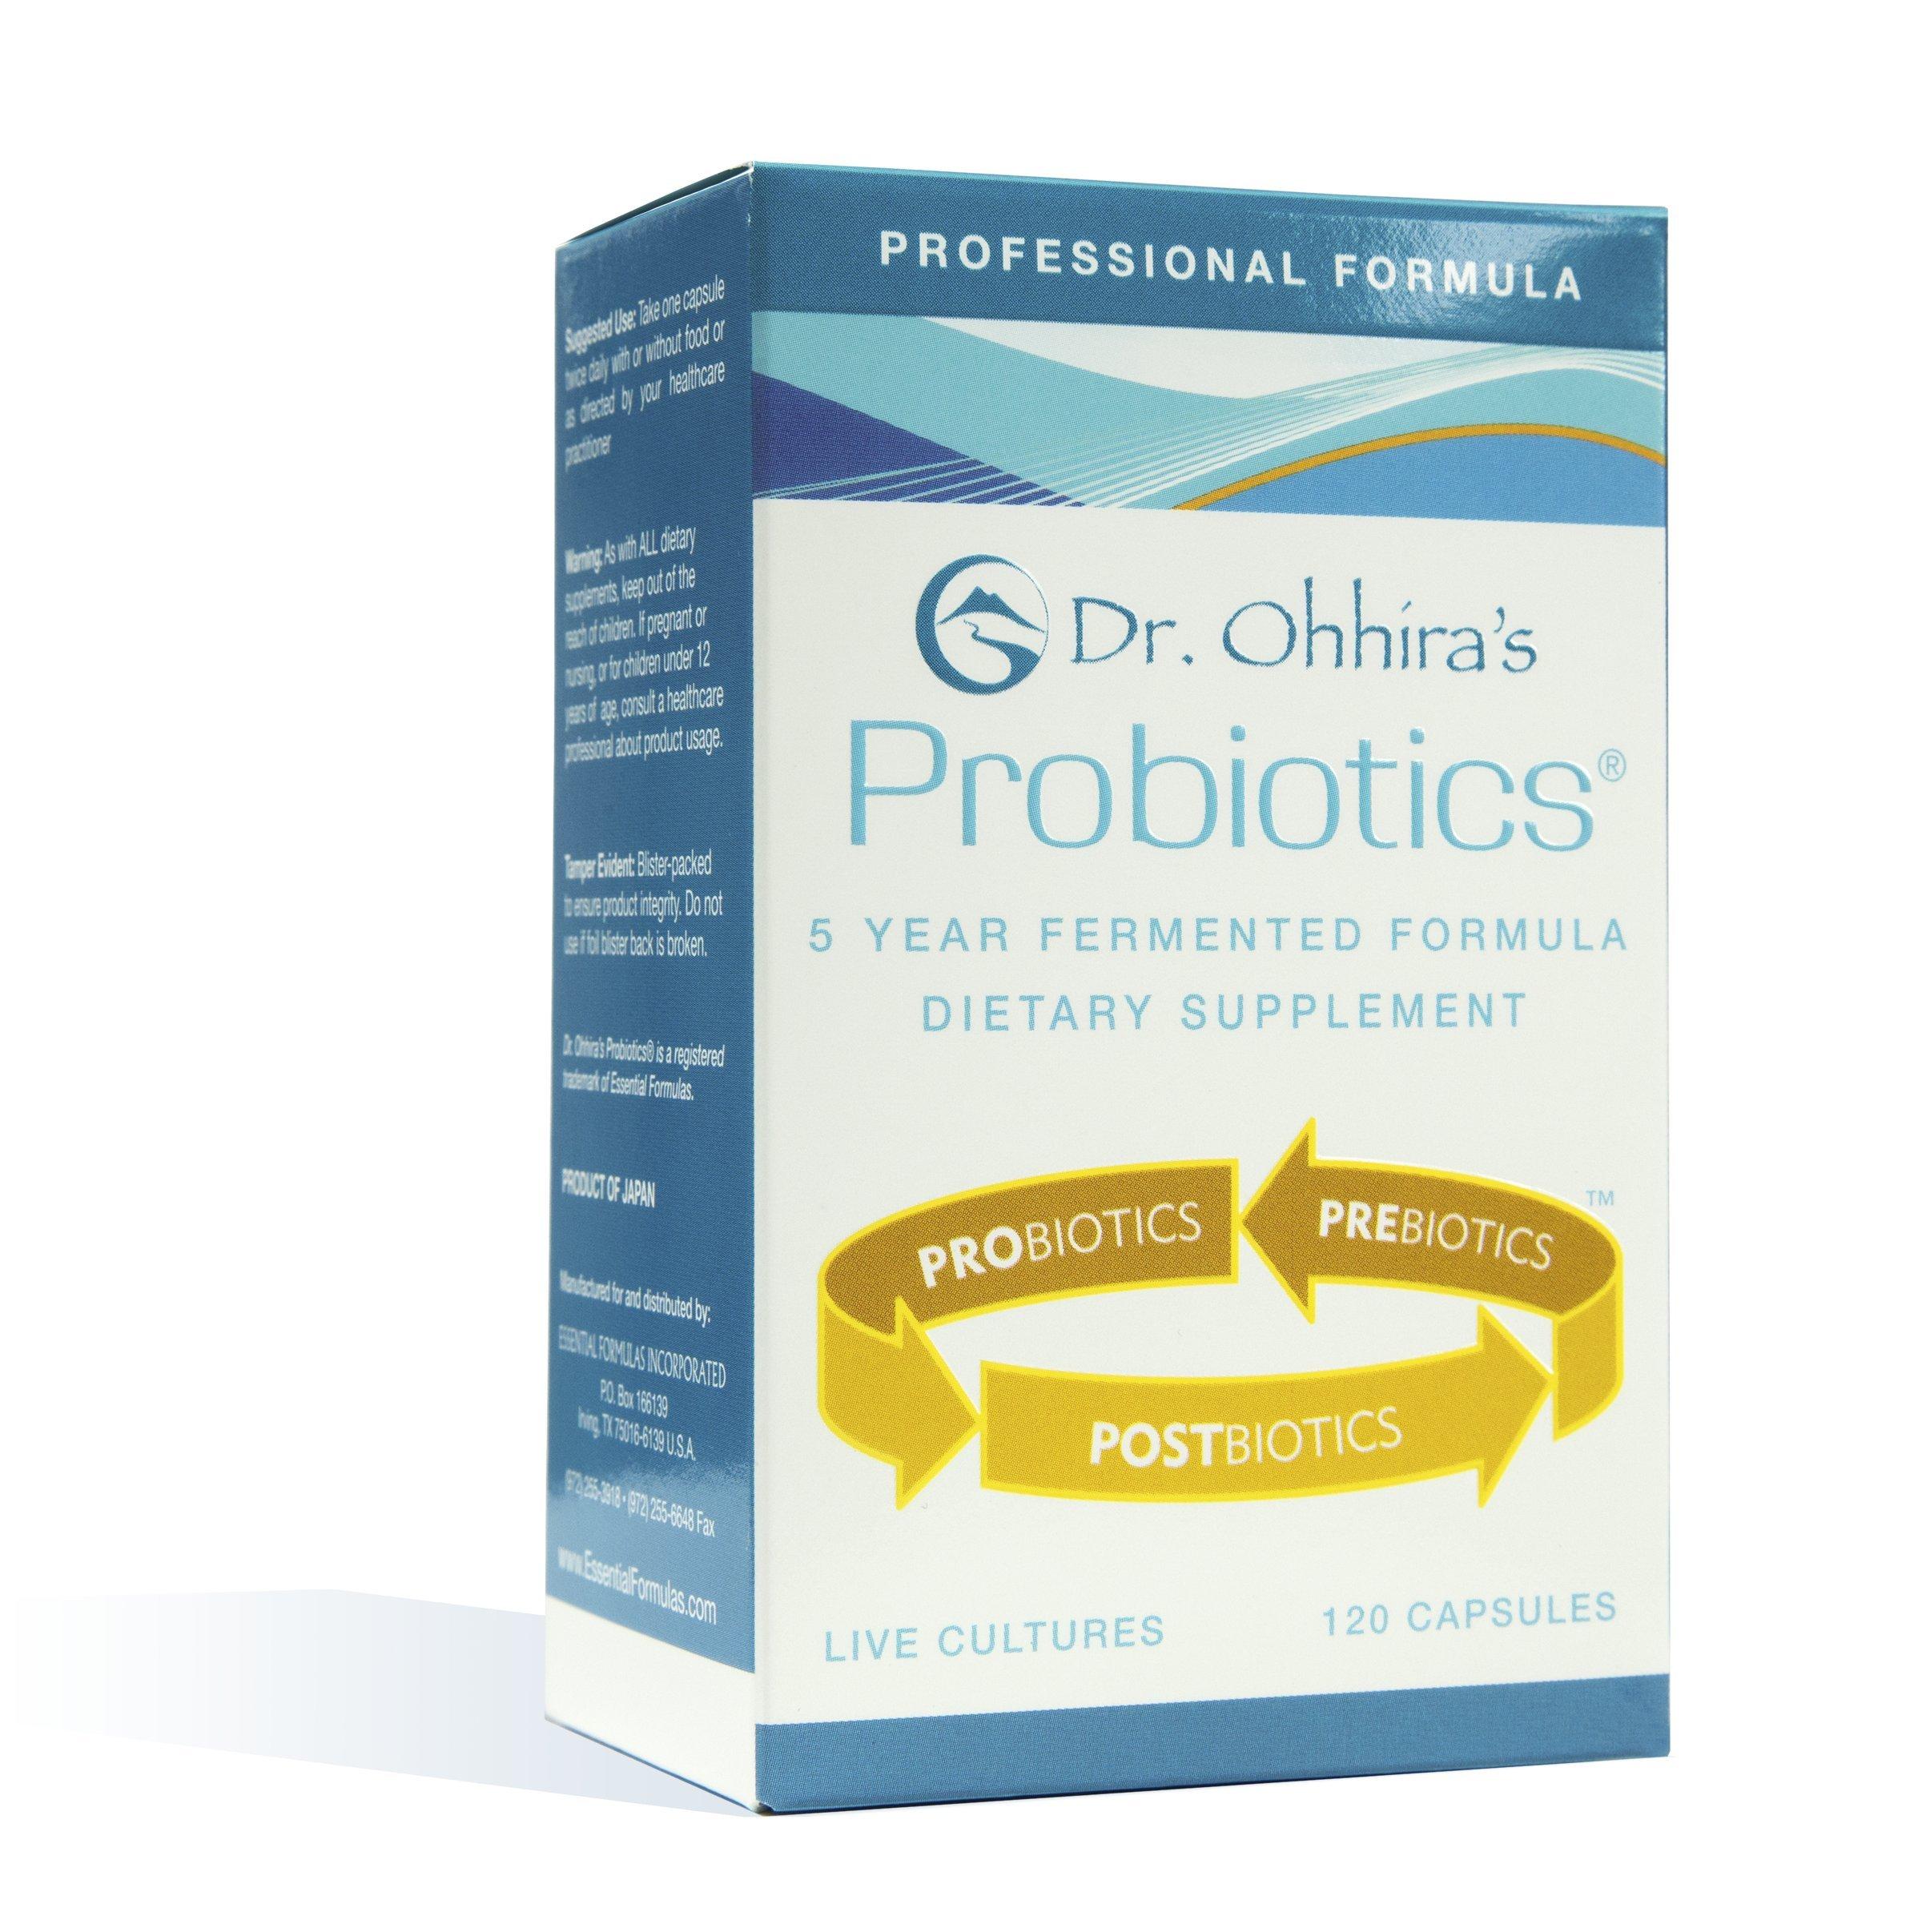 Dr. Ohhira's Probiotics Professional Formula 120 Capsules 72g